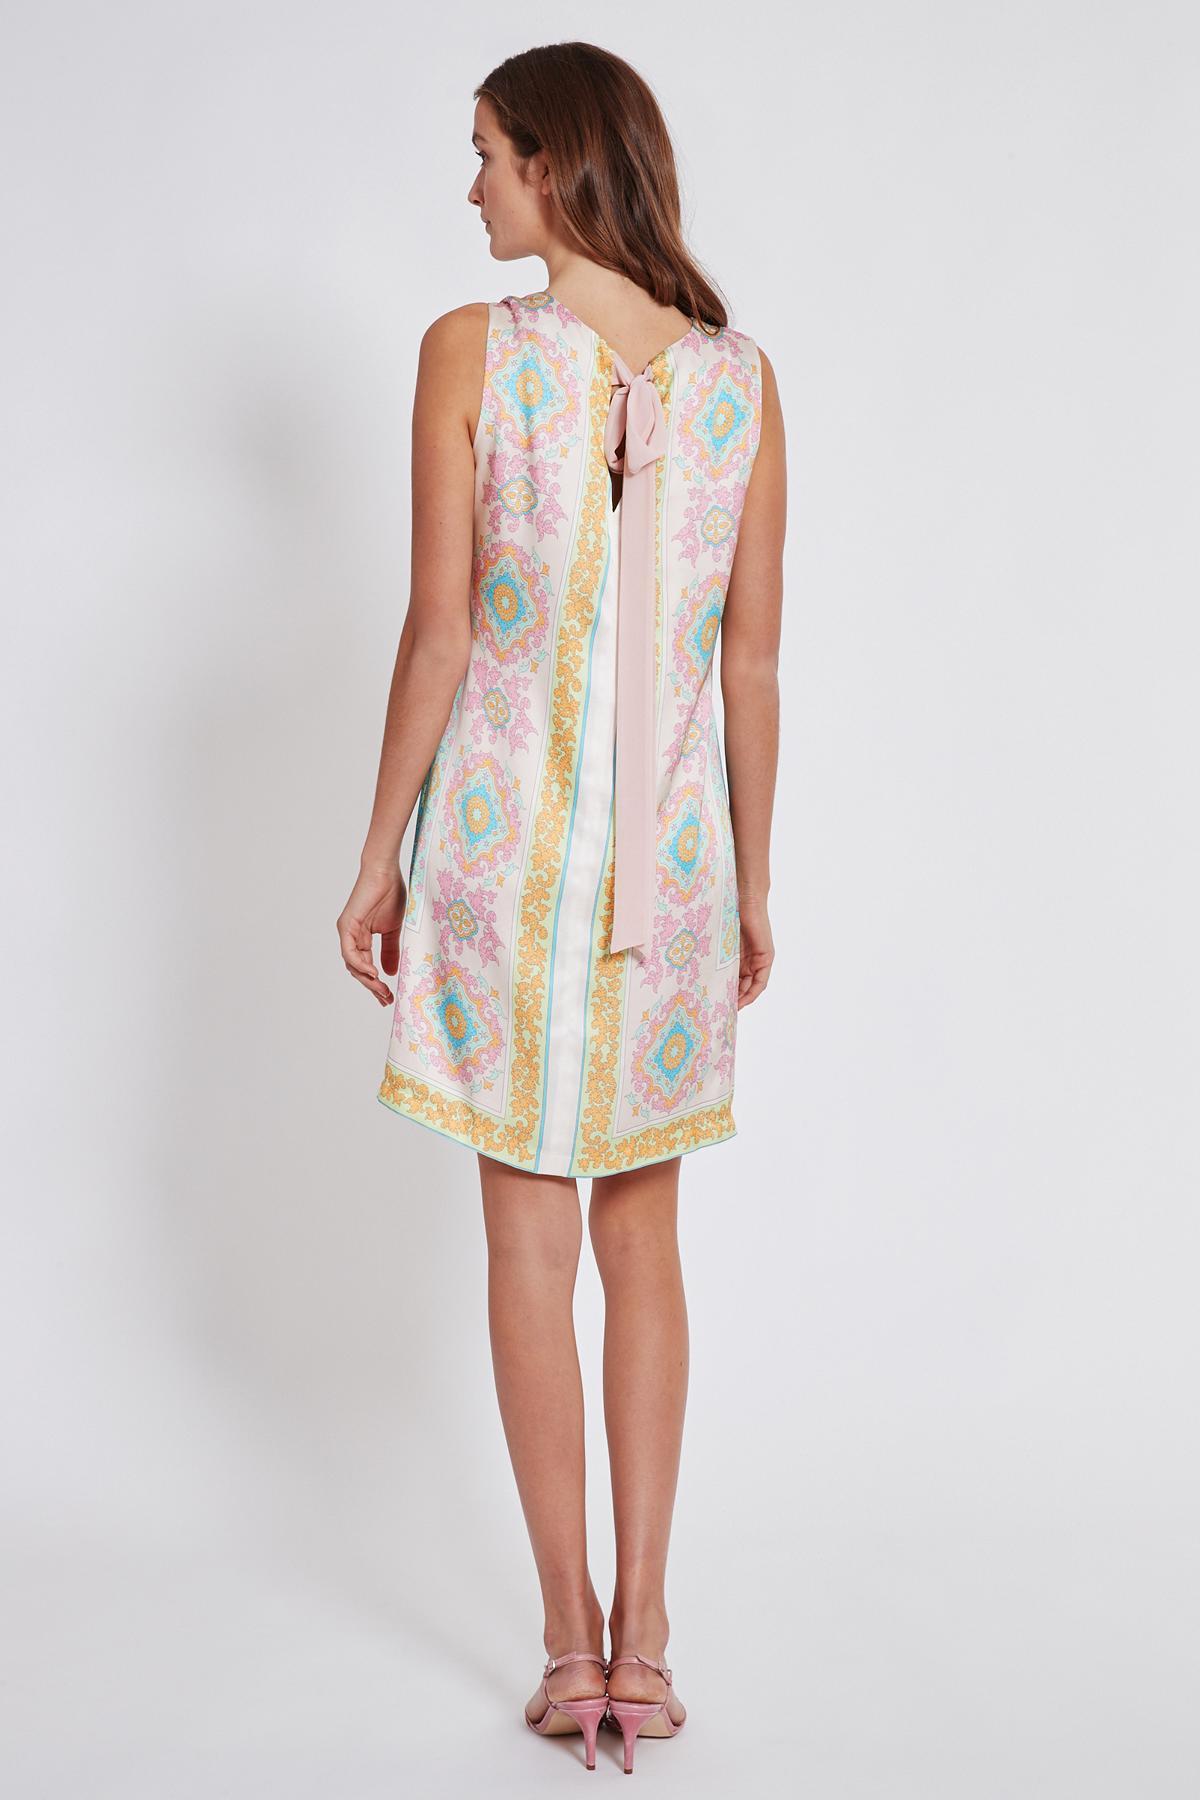 Rückansicht von Ana Alcazar Schleifen Kleid Tedora  angezogen an Model